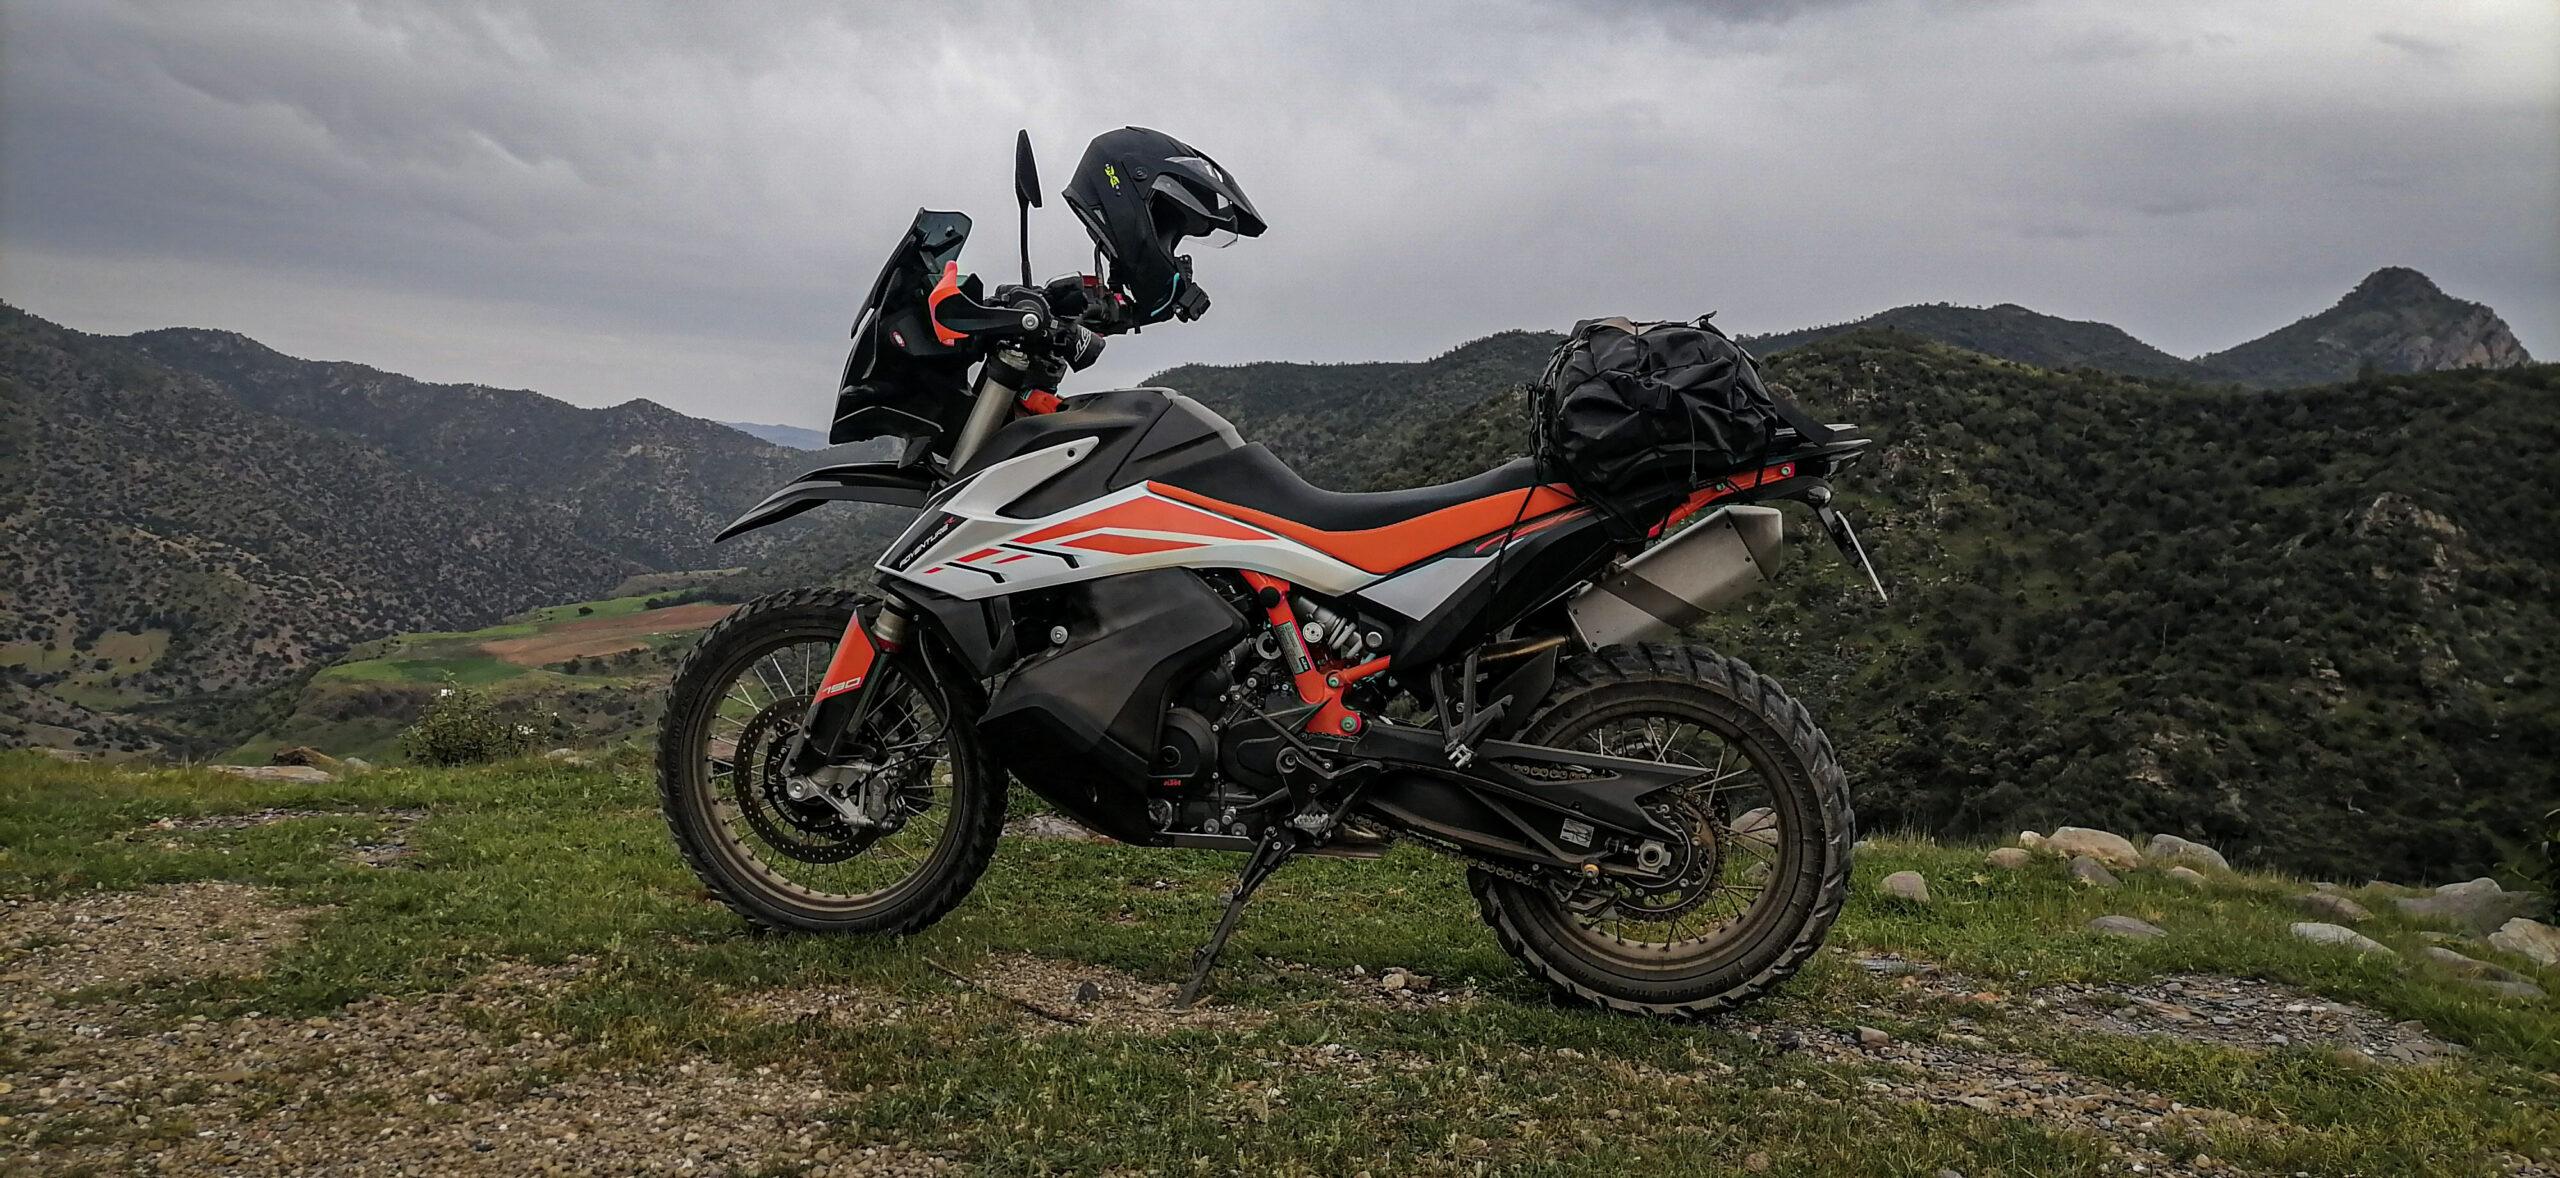 Essai KTM 790 Adventure R : R comme Rapide et Rassurante